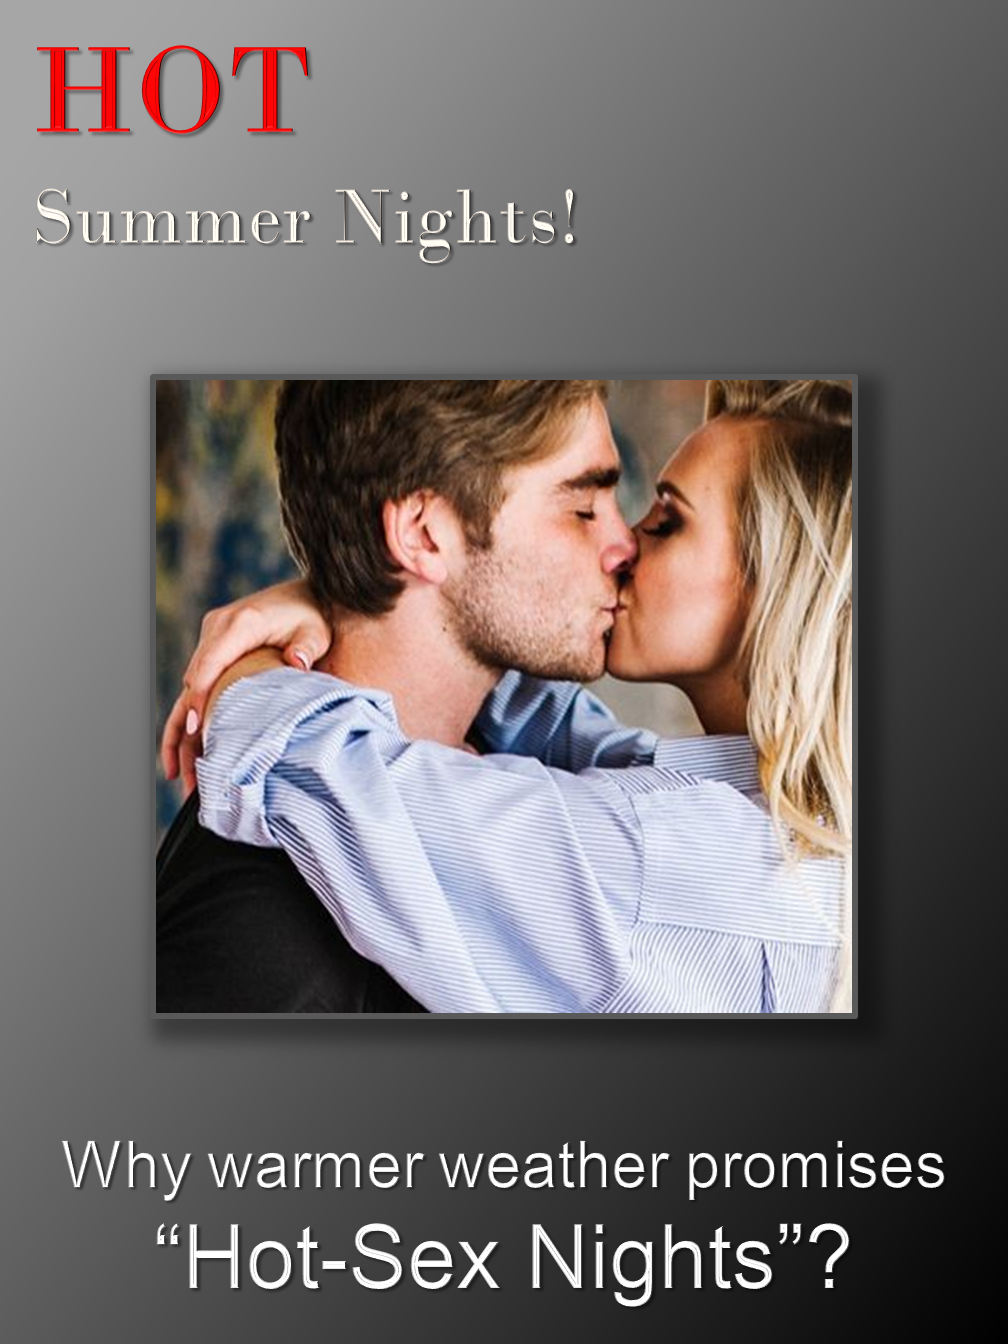 HOT Summer Nights!